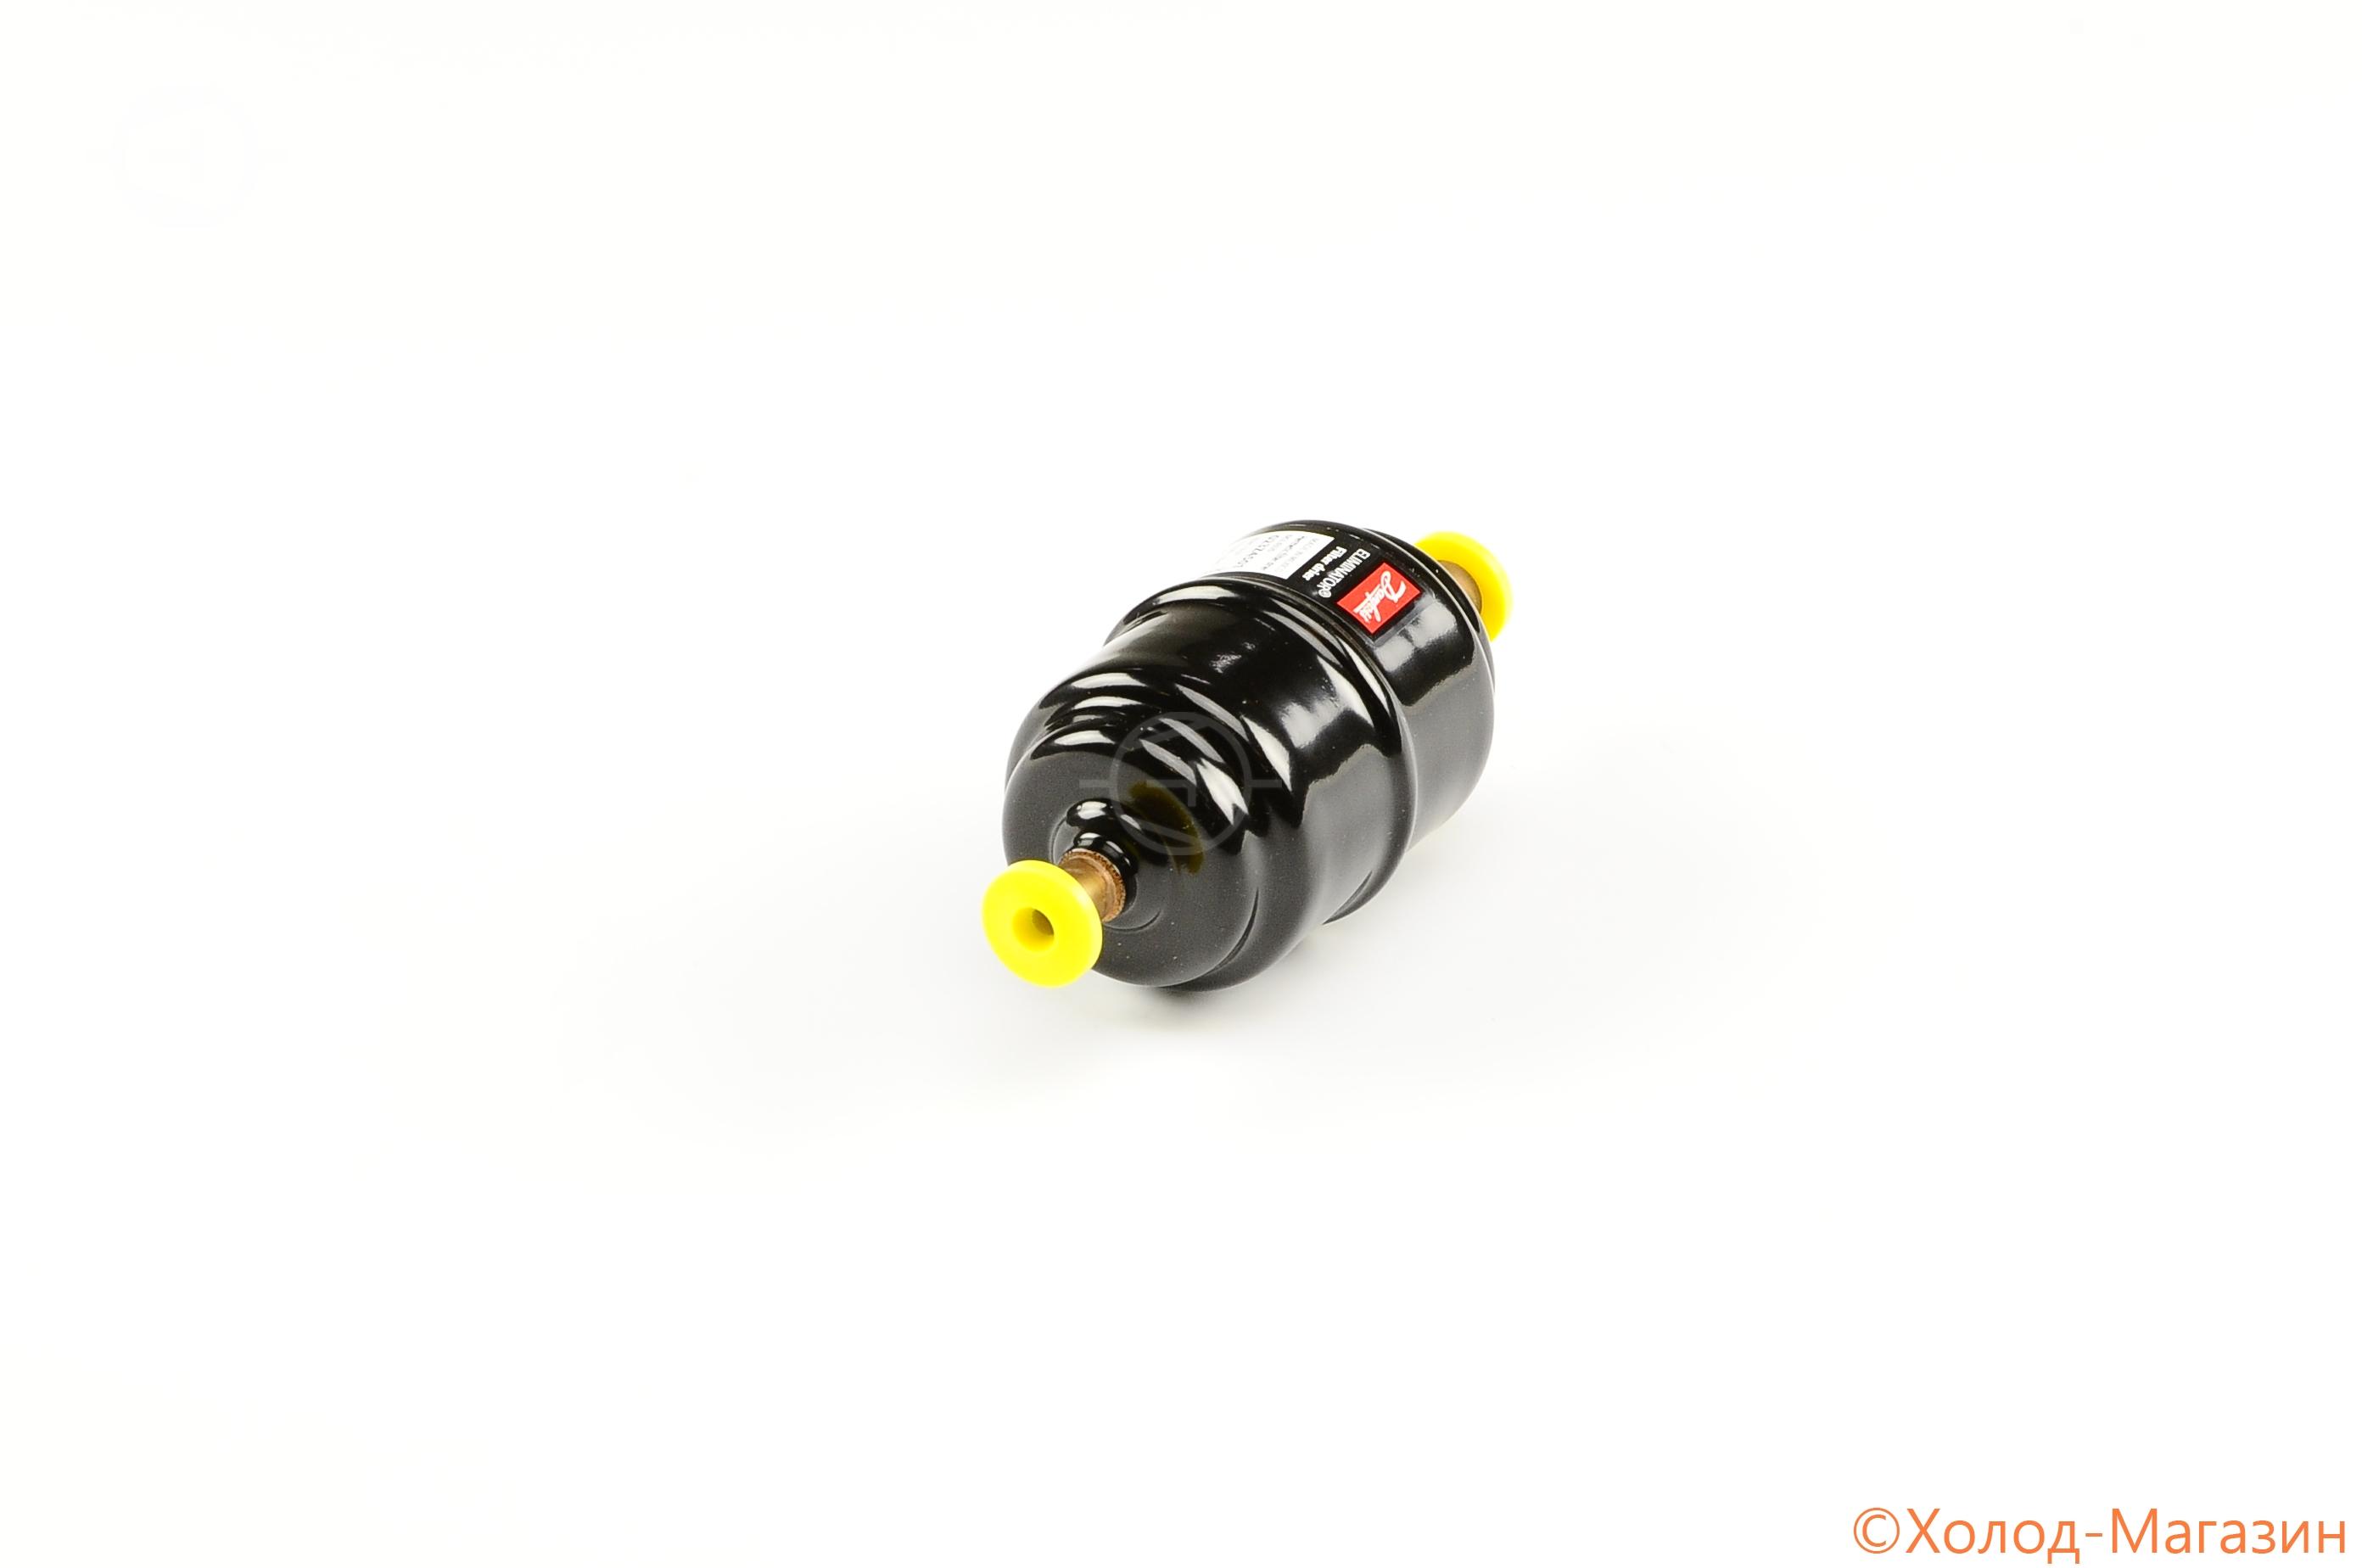 """Фильтр - осушитель DCL 032 s D06 (1/4""""), Danfoss"""